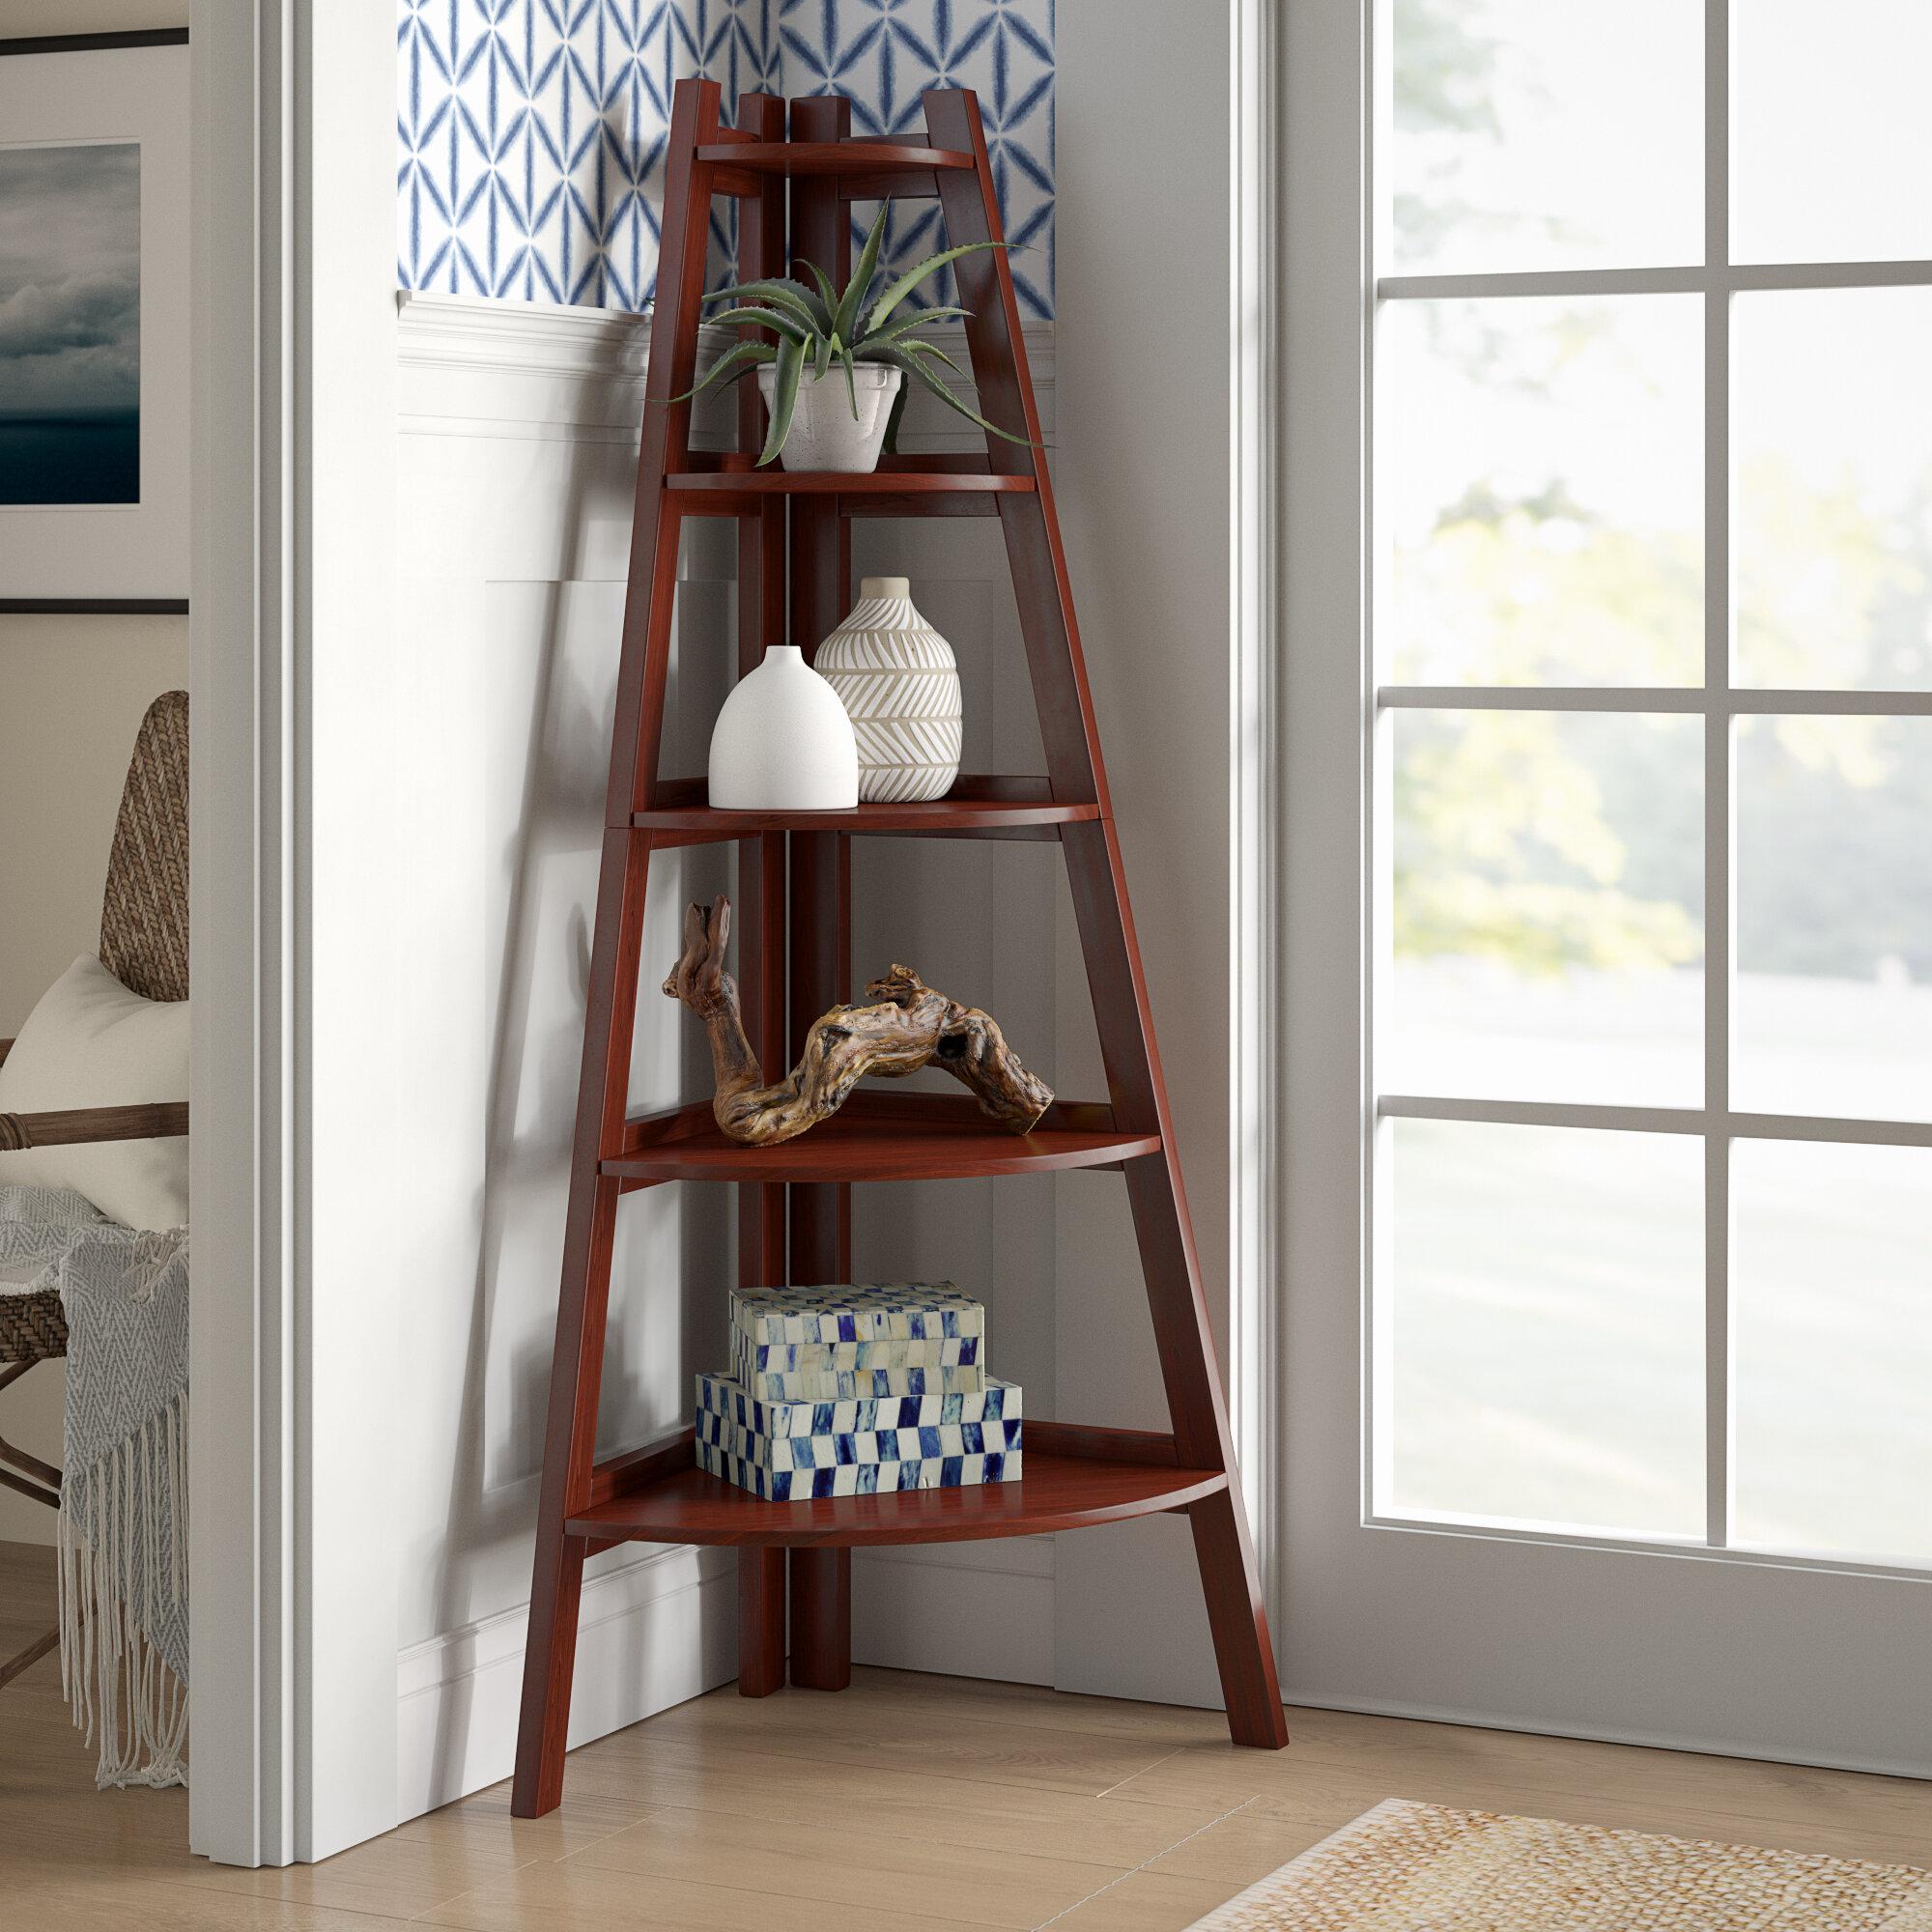 Beachcrest Home Pierview Corner Bookcase Reviews Wayfair